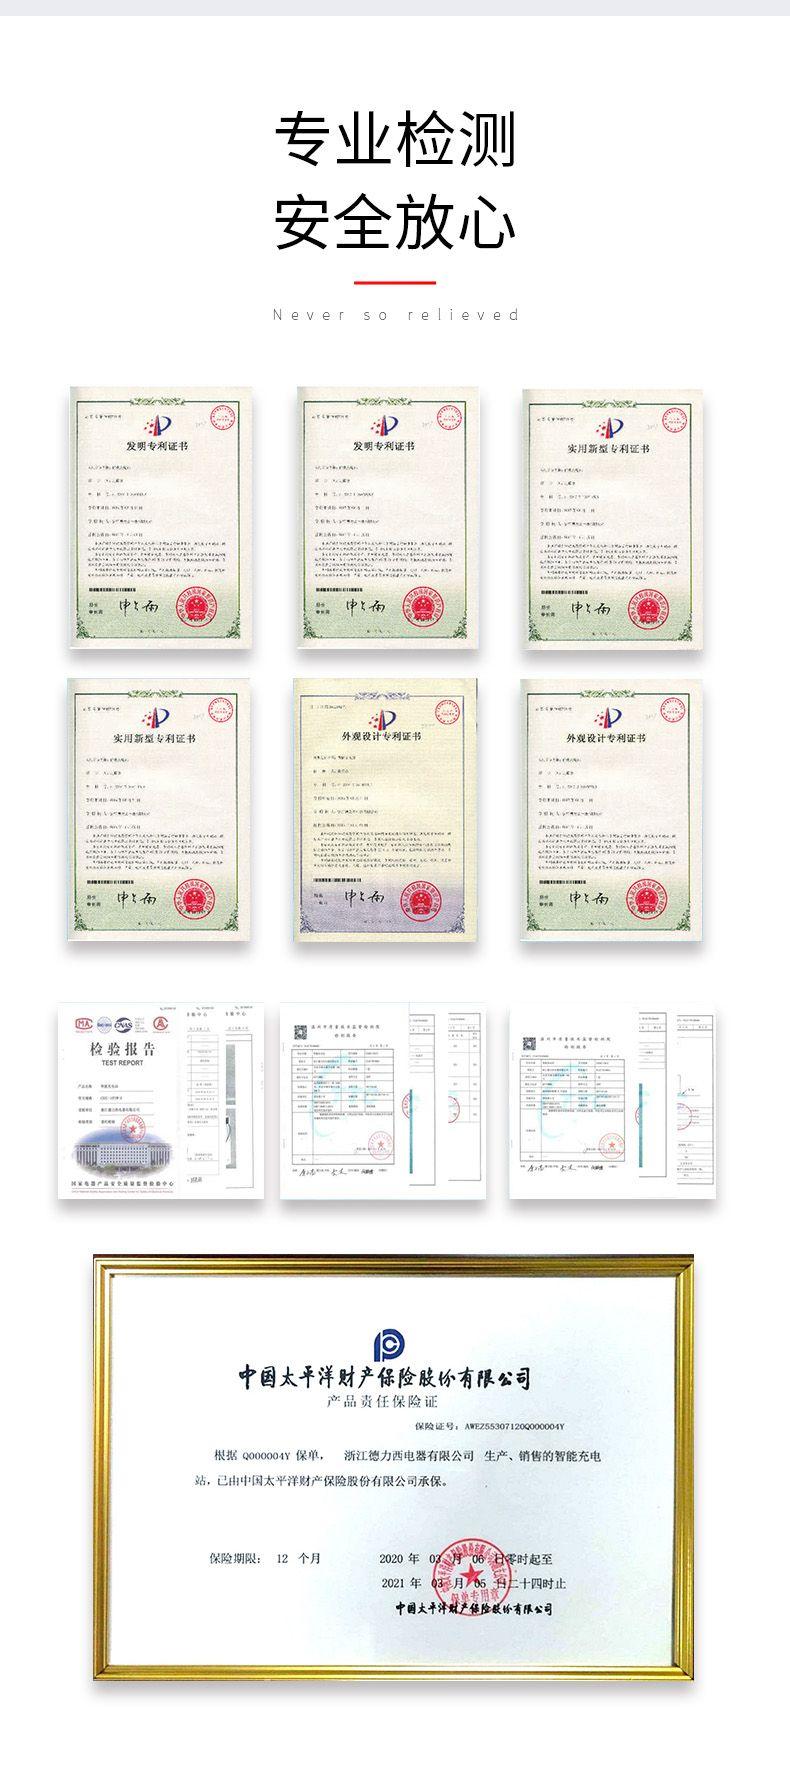 德力西充电站具有国家安全证书和太平洋保险公司承保